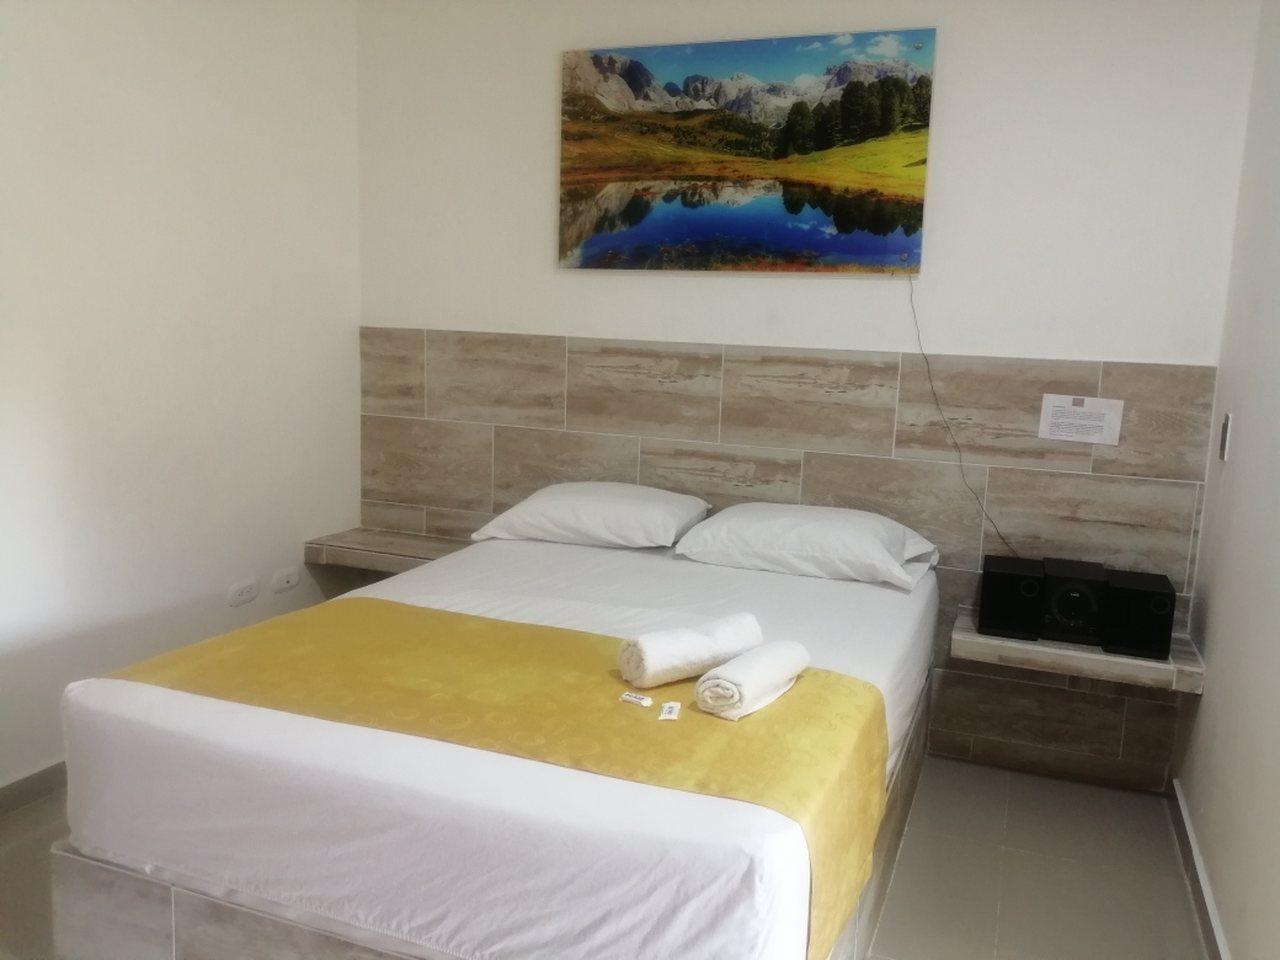 Brisas  en Centro - La Candelaria : MotelNow